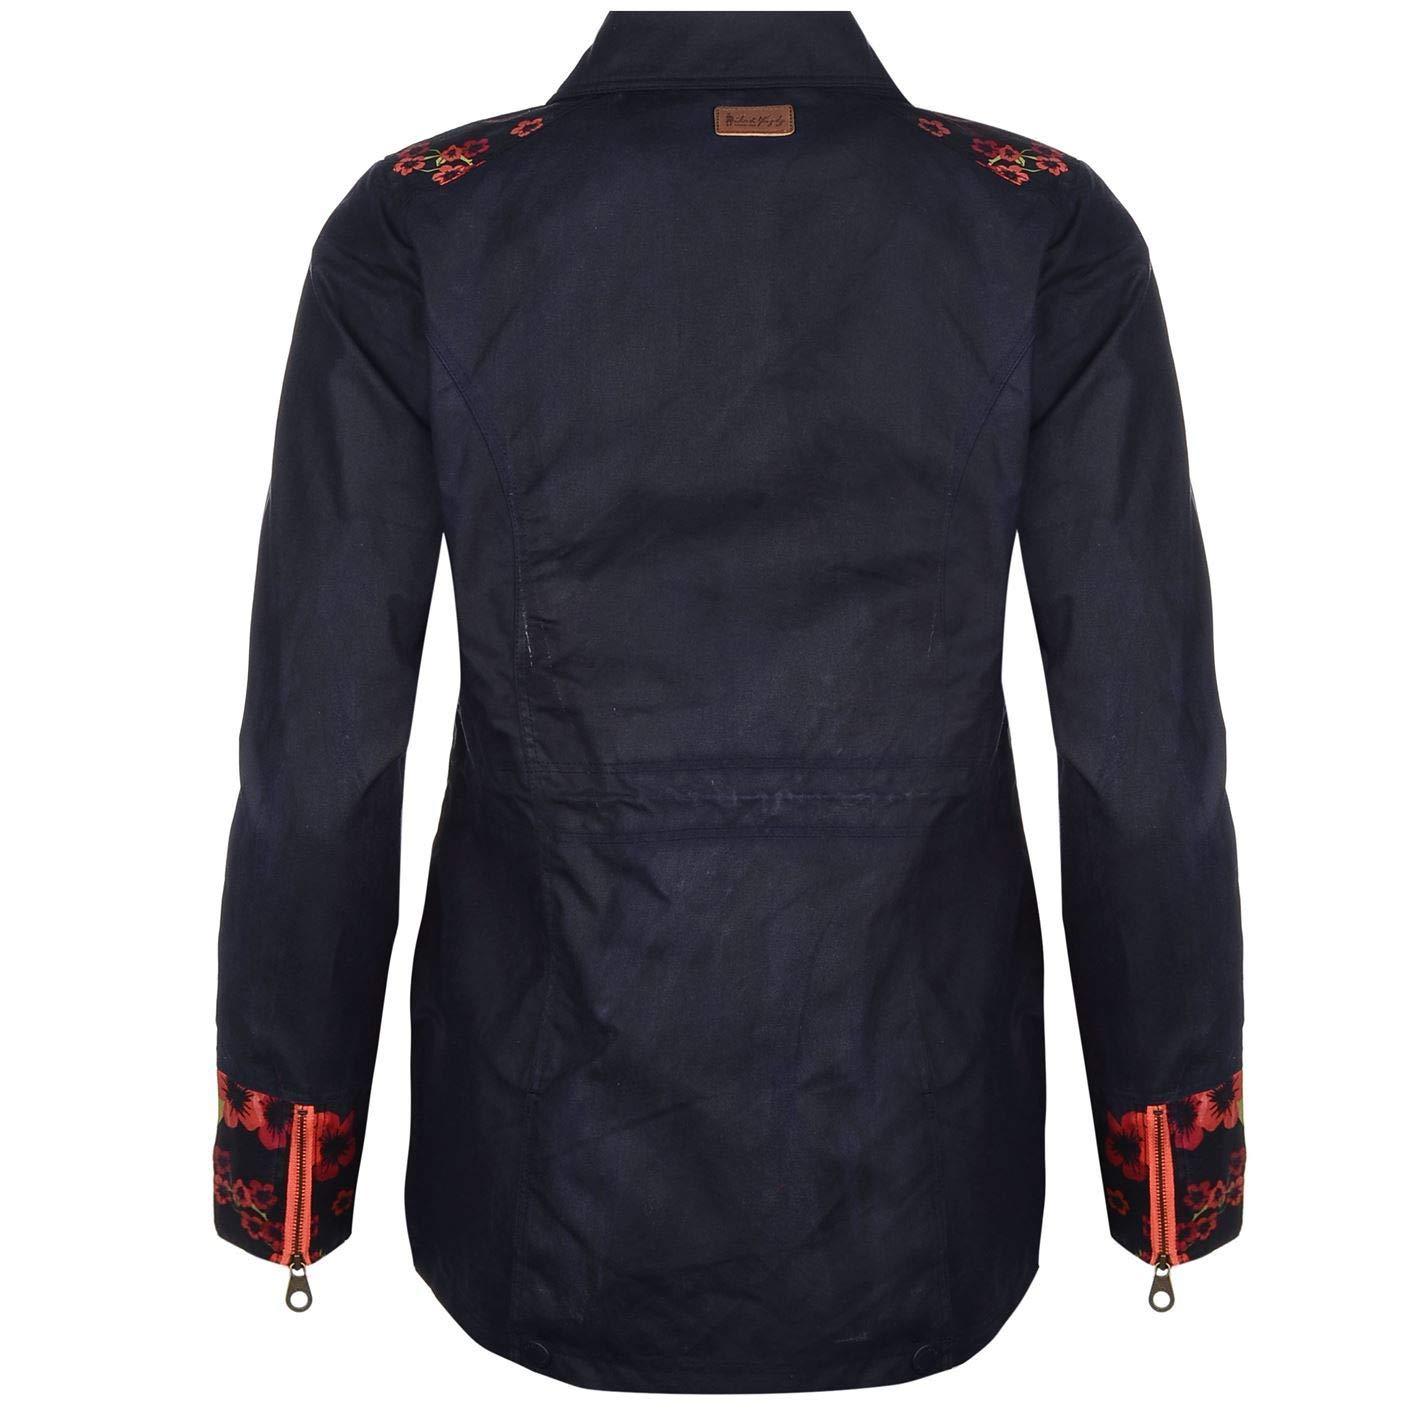 Damen-Reitjacken Jack Murphy Alex Wax Jacket Womens Blue Equestrian Horse Riding Coat Outerwear Reitbekleidung